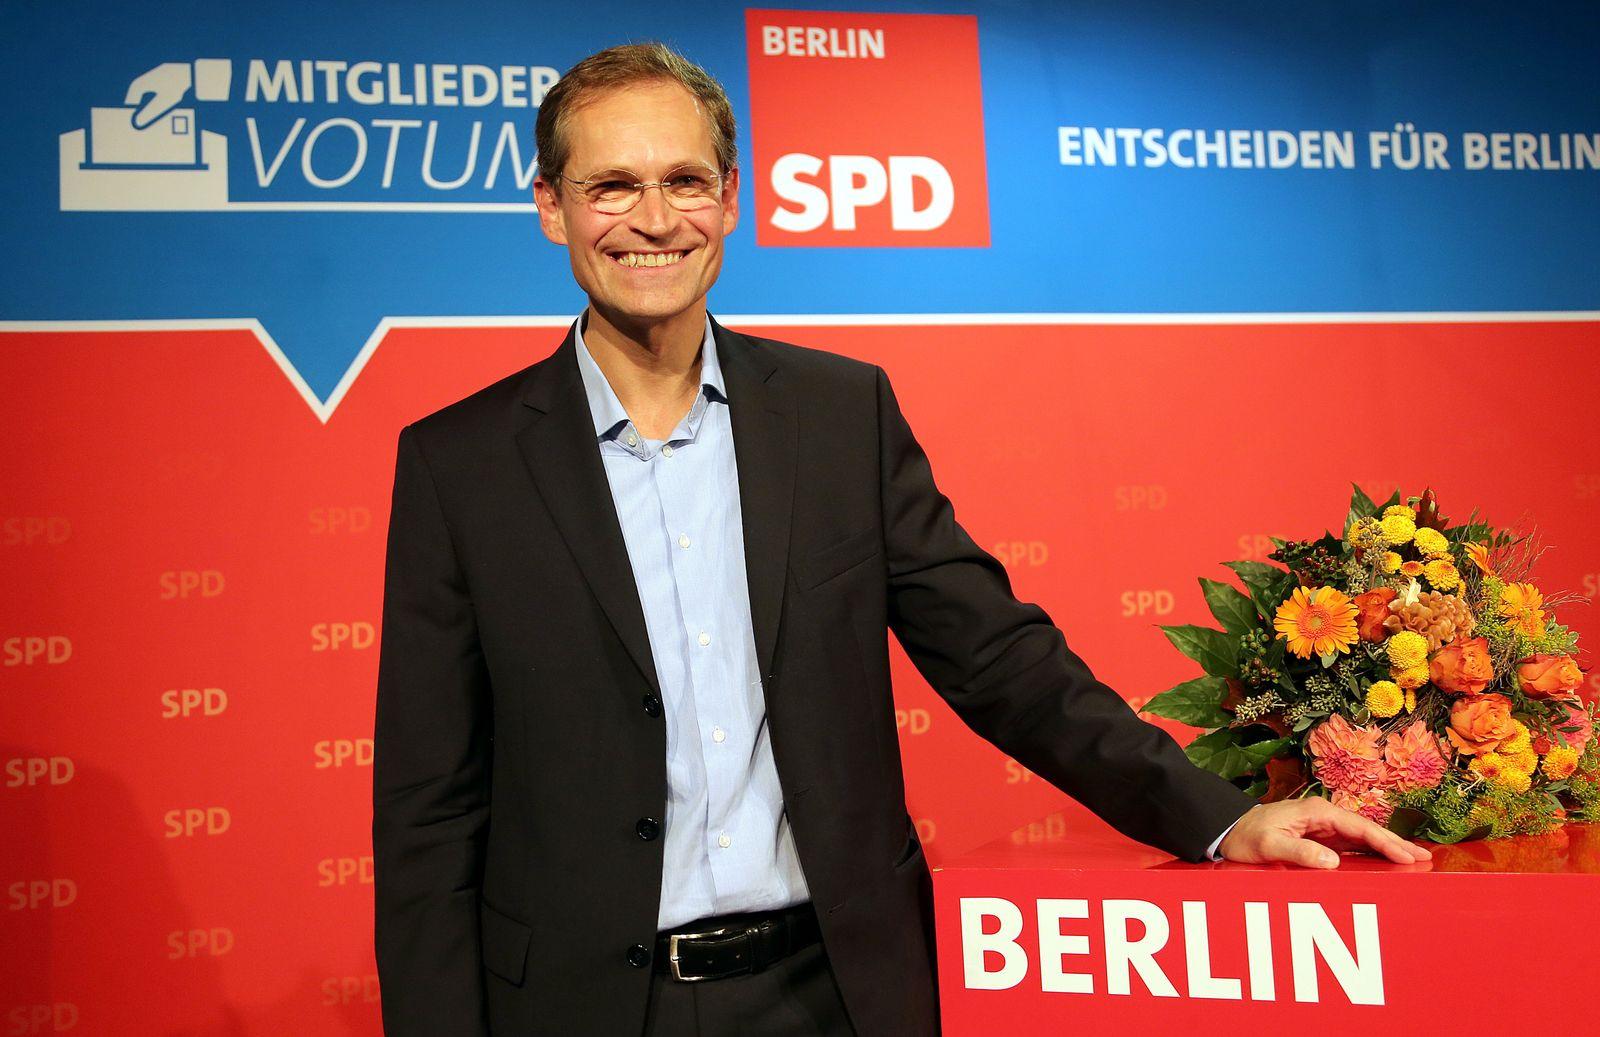 Michael Müller zum Nachfolger von Wowereit nominiert